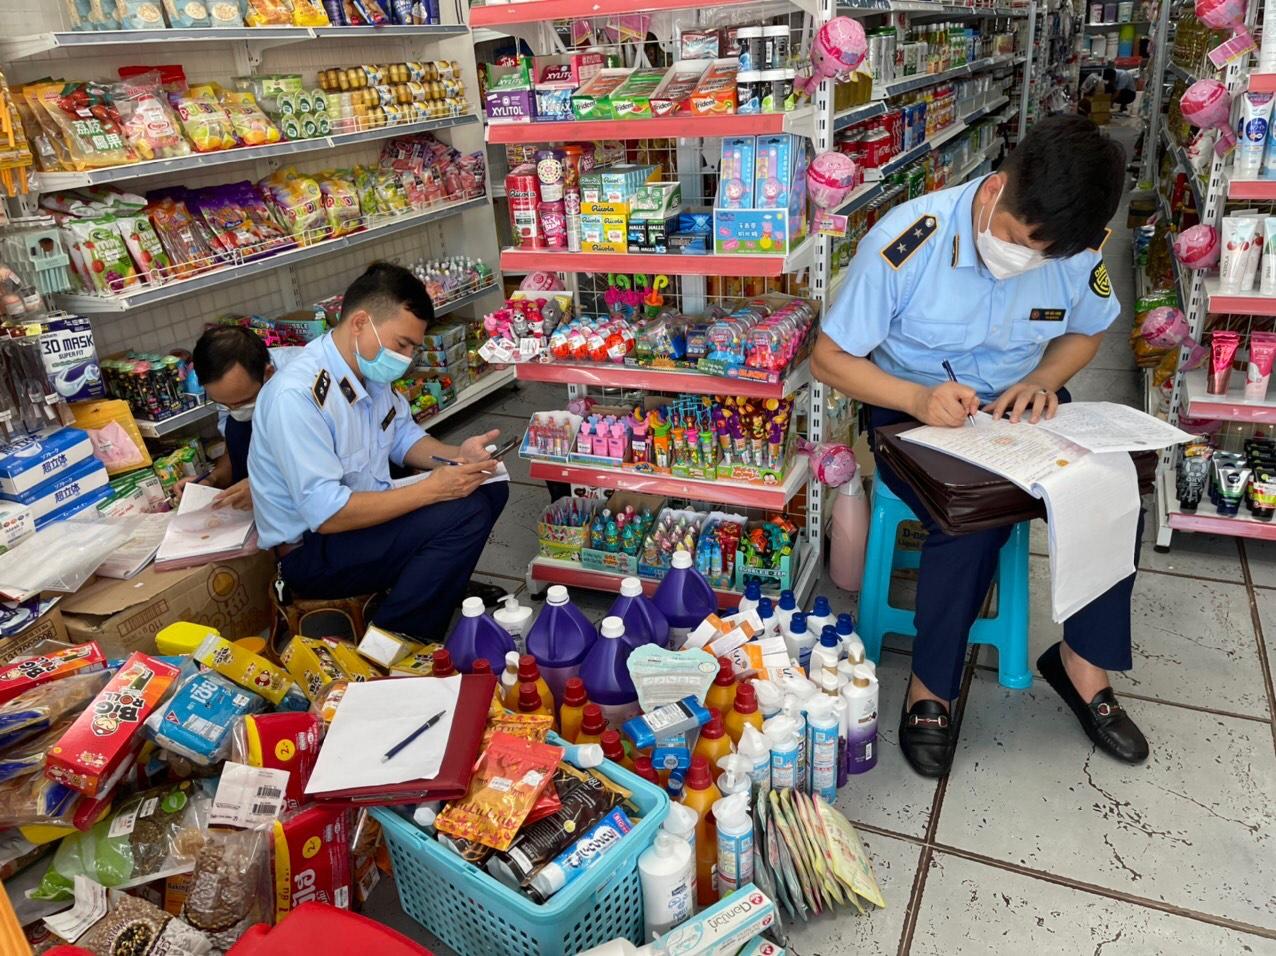 Đội QLTT số 1 - Cục QLTT Lào Cai thu giữ hơn 400 sản phẩm hàng hóa nhập lậu